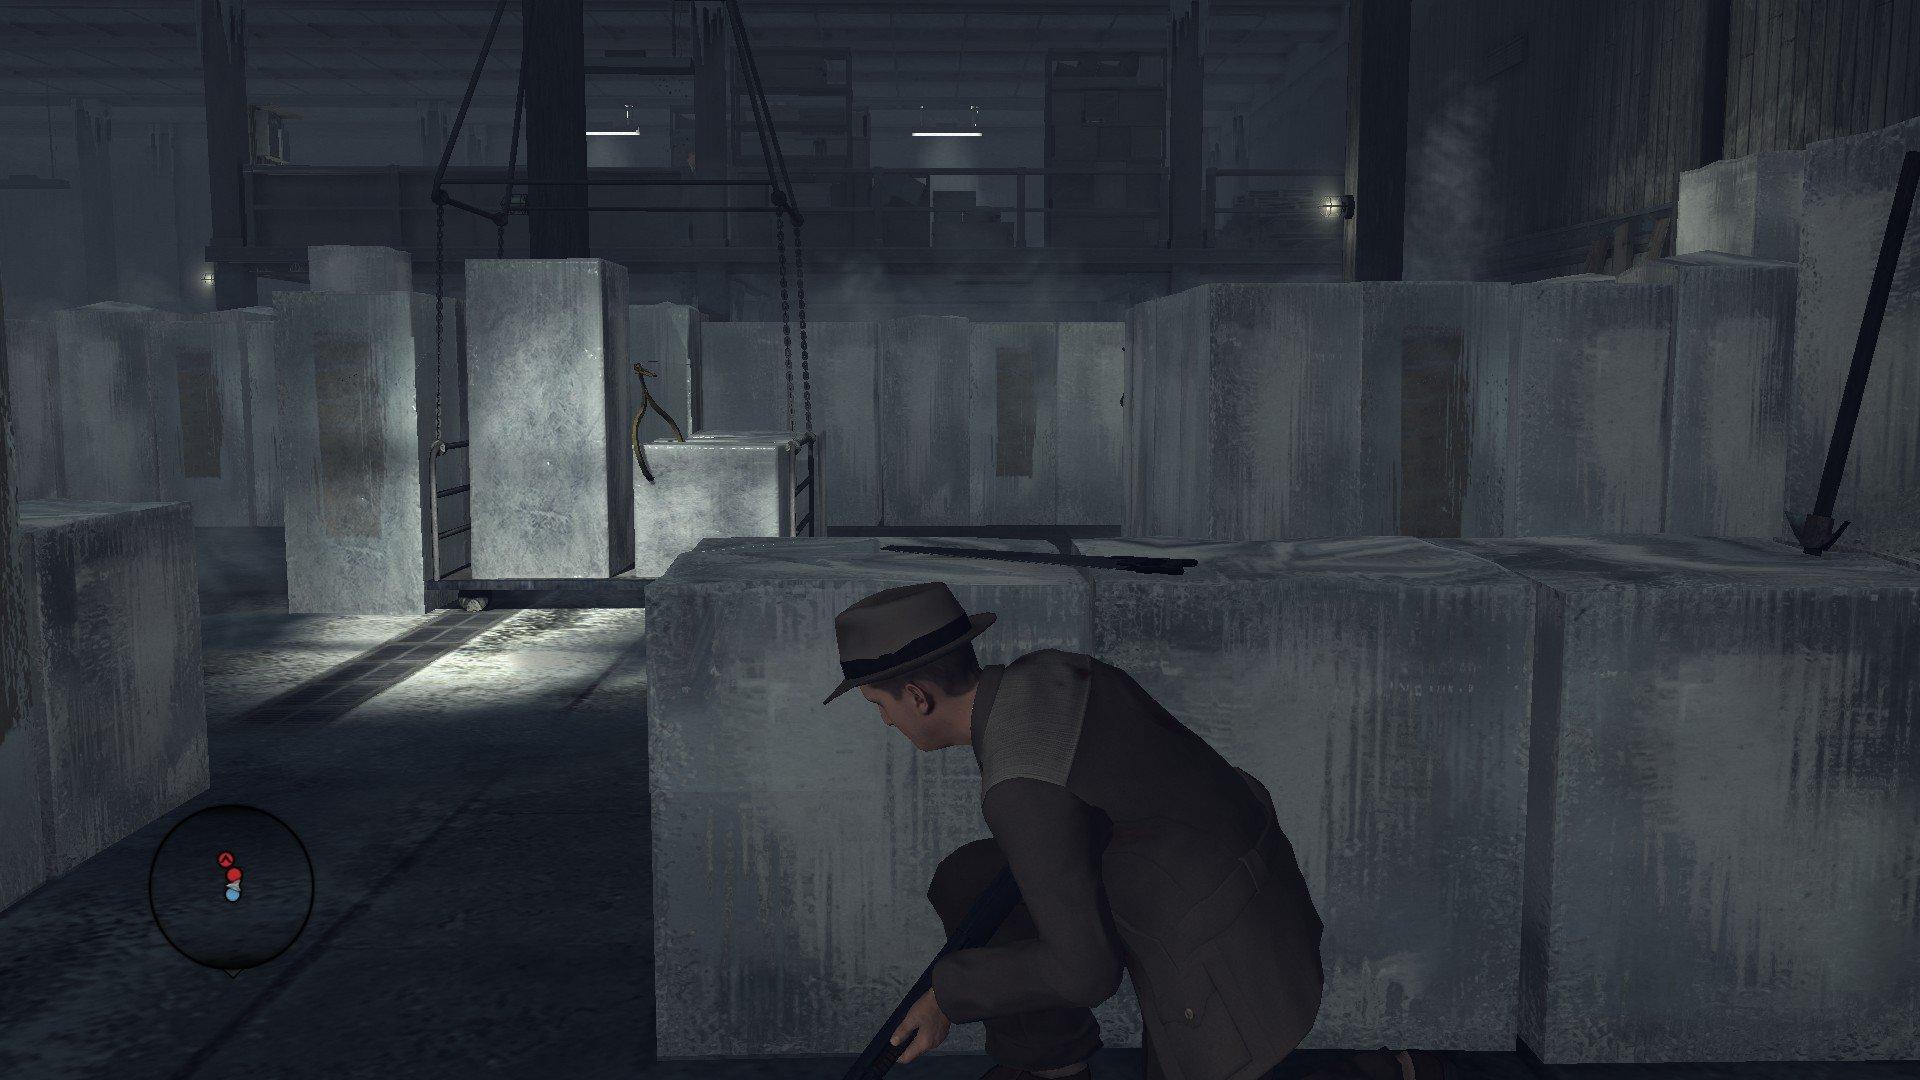 Пост-прохождение L.A. Noire Часть 14 - Изображение 65